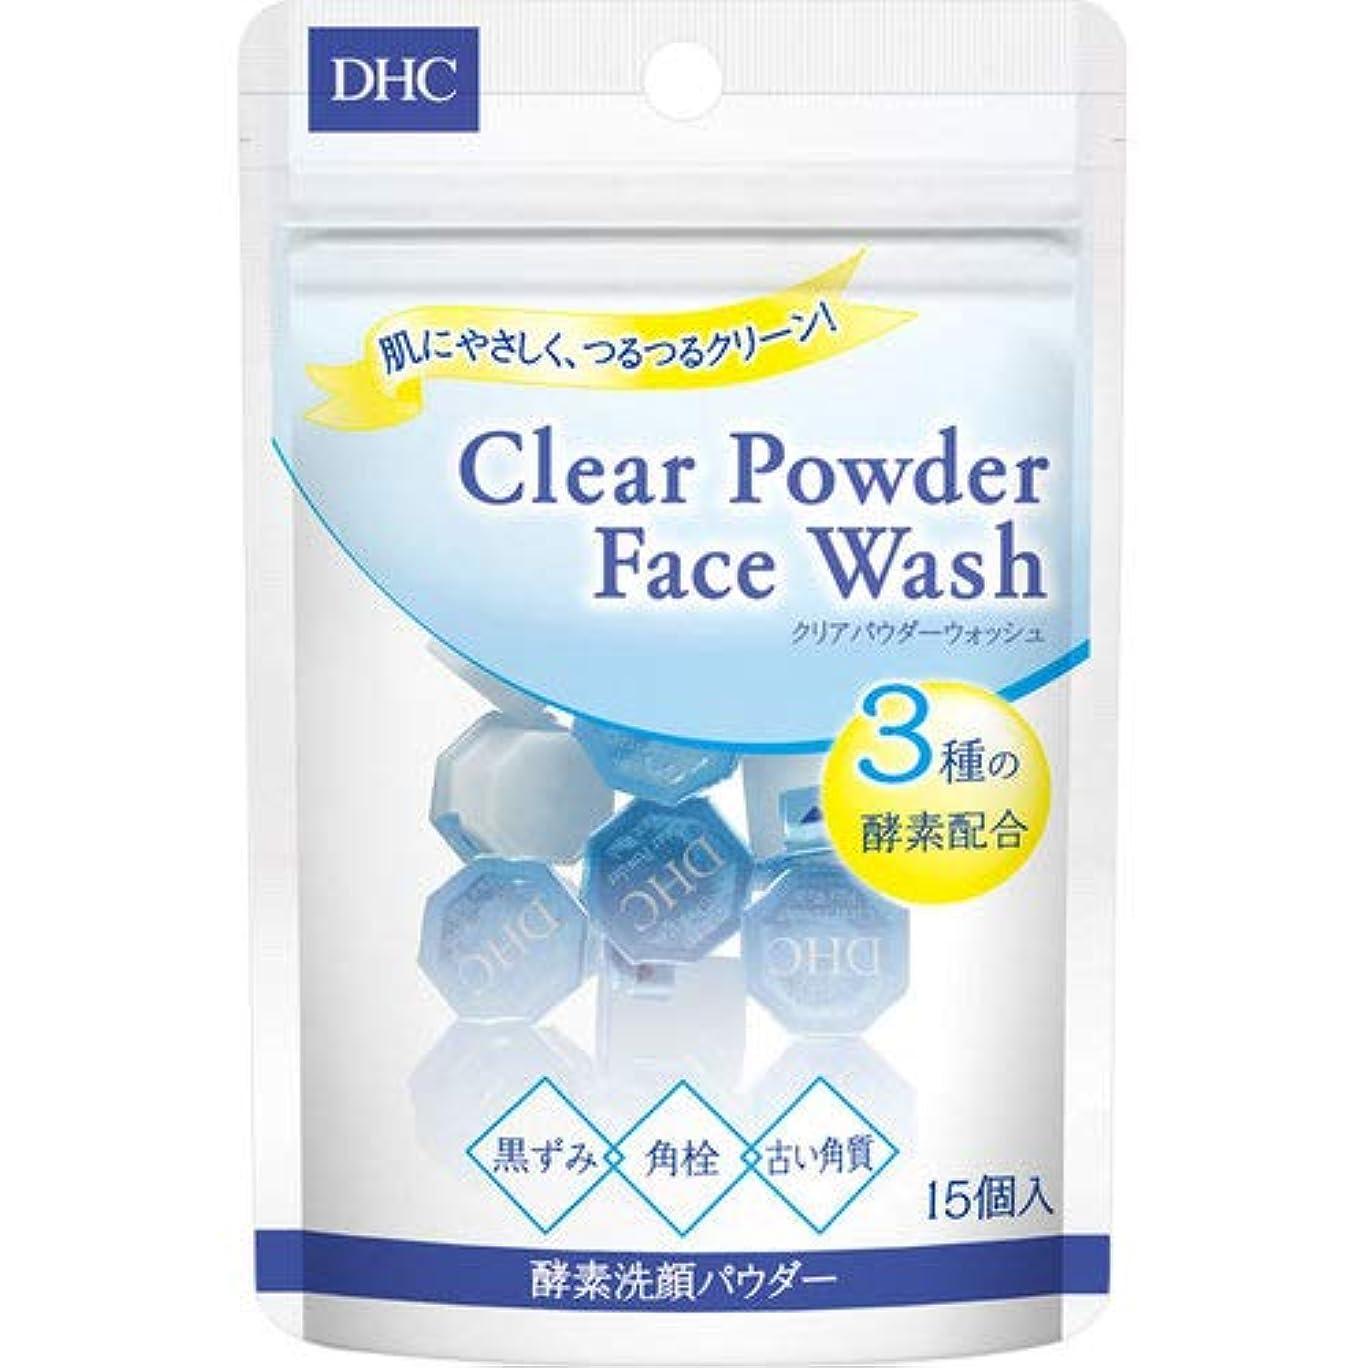 拳島独裁DHC クリアパウダーウォッシュ 0.4g×15個入 酵素洗顔パウダー